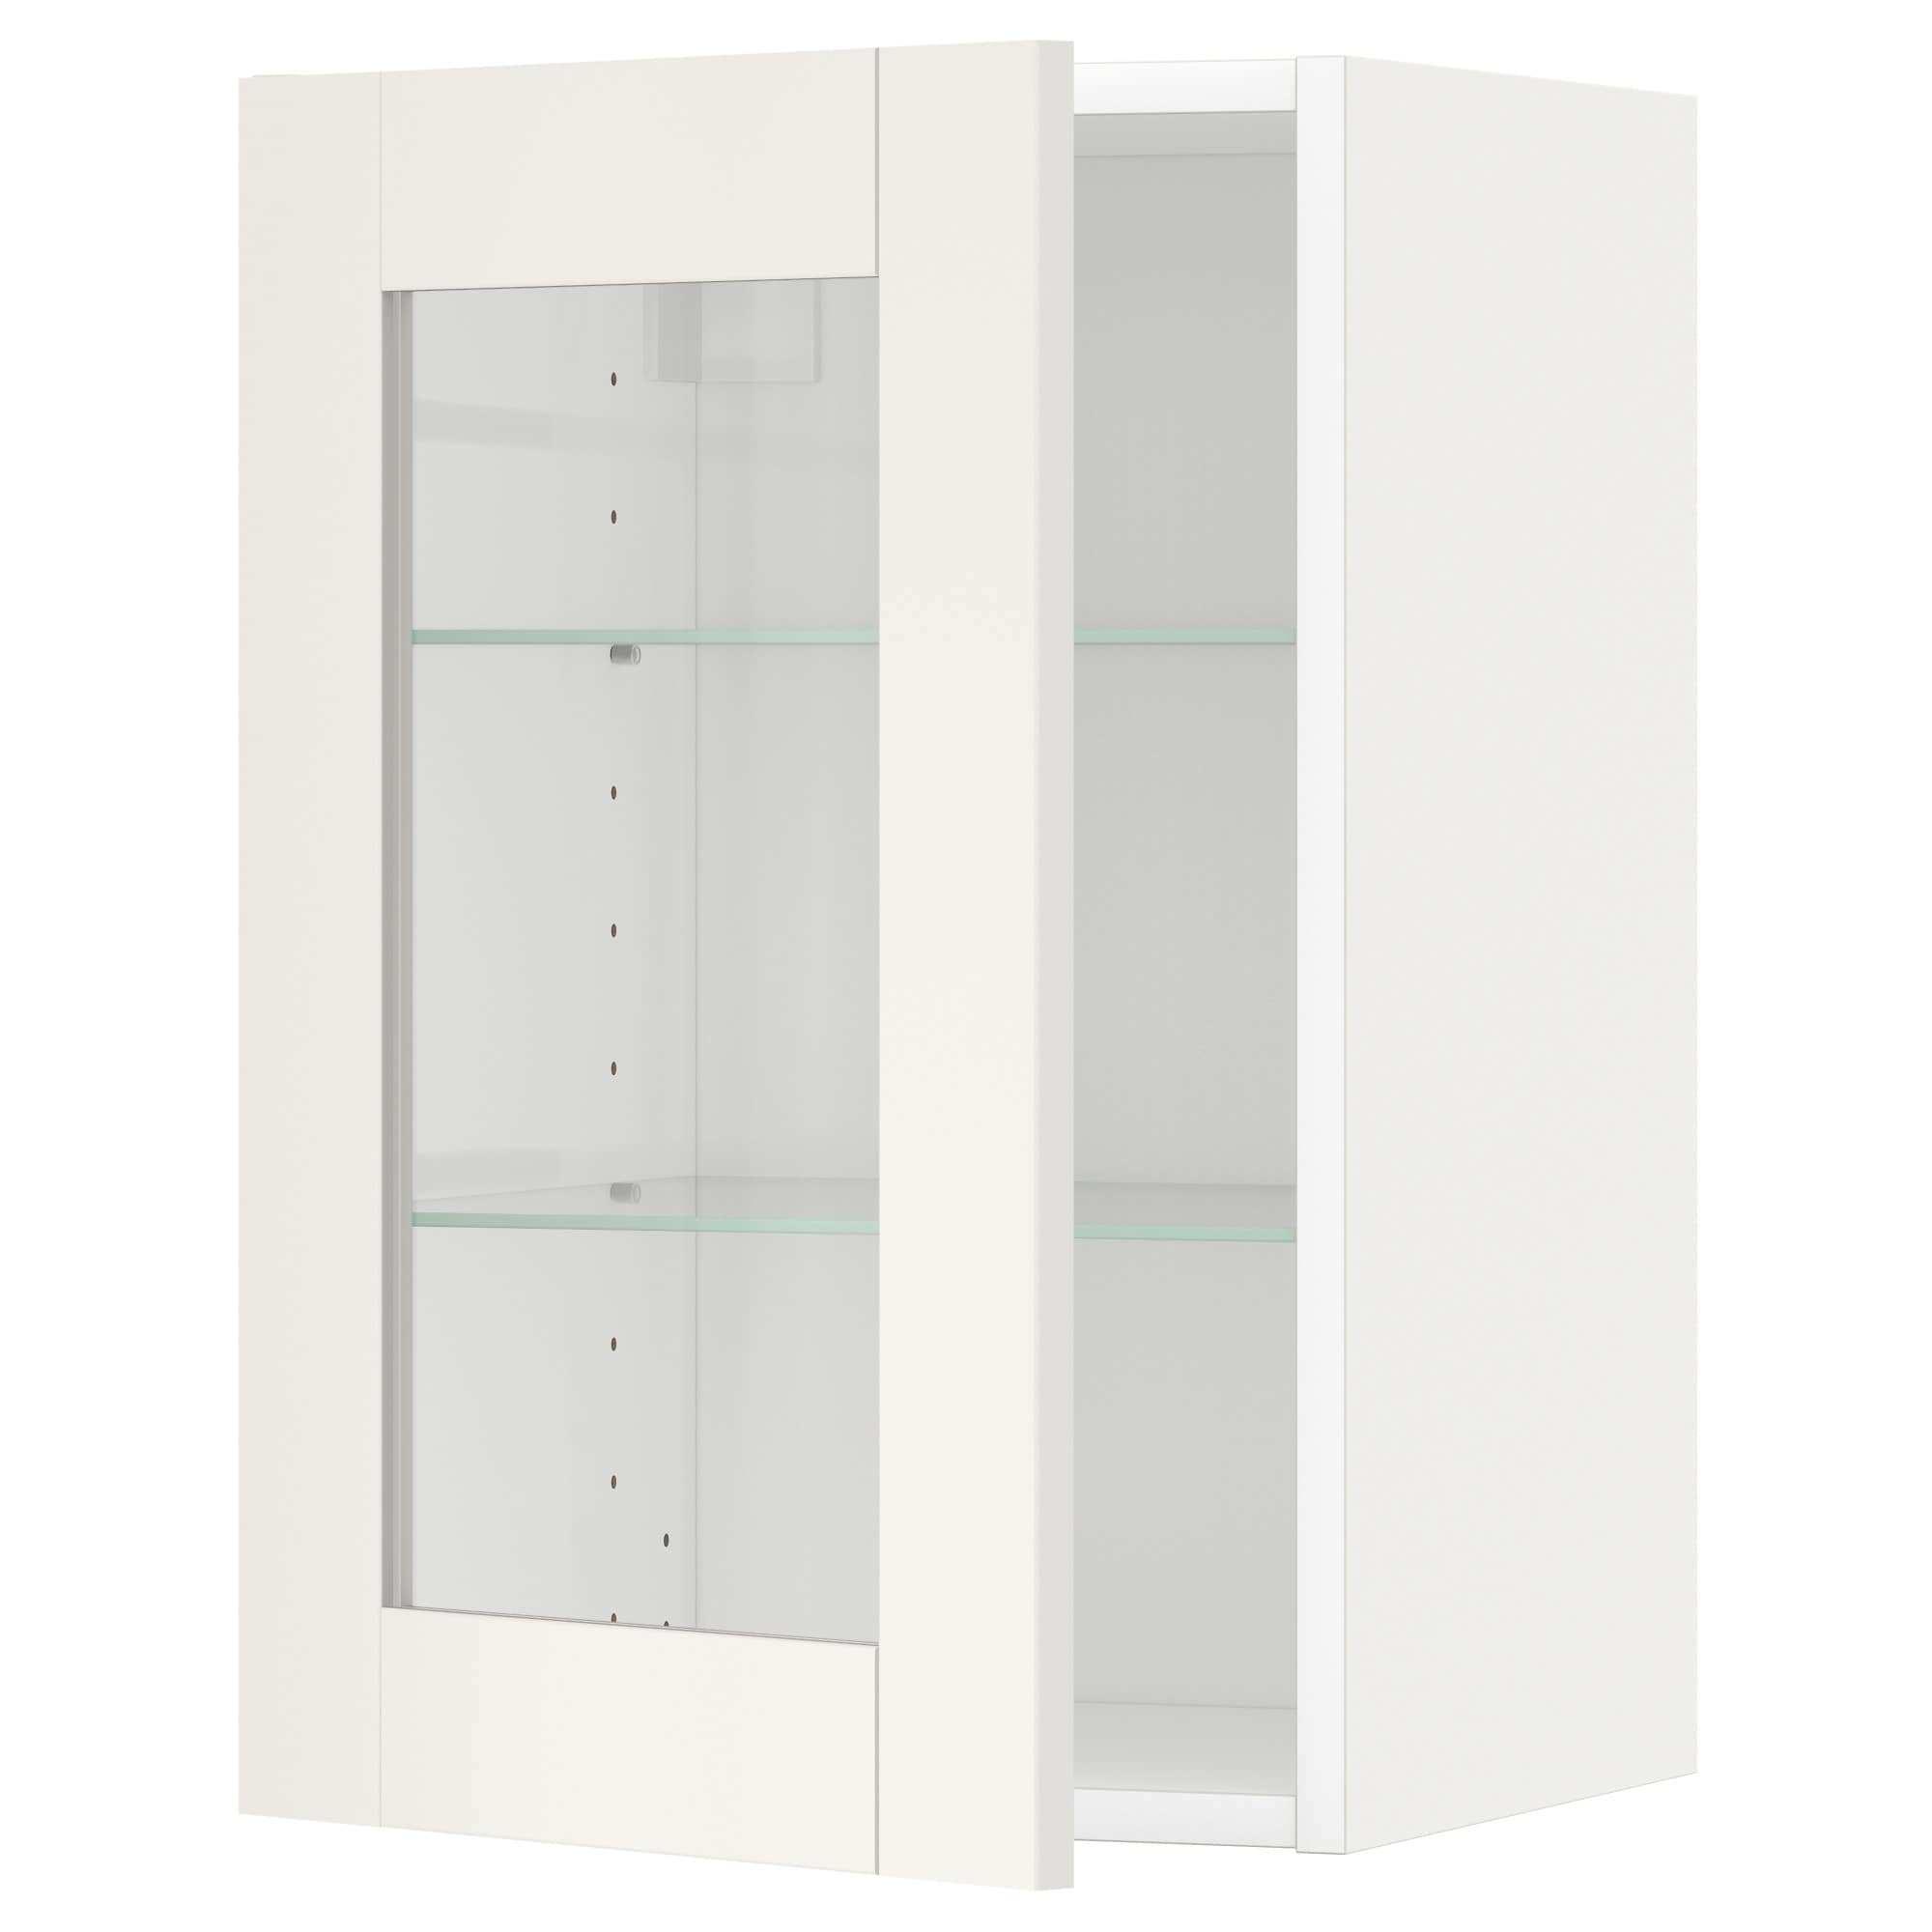 Full Size of Küchen Hängeschrank Glas Ikea Hngeschrank Wohnzimmer Elegant Kche Küche Fenster 3 Fach Verglasung Badezimmer Dreifachverglasung Glastüren Bad Weiß Wohnzimmer Küchen Hängeschrank Glas